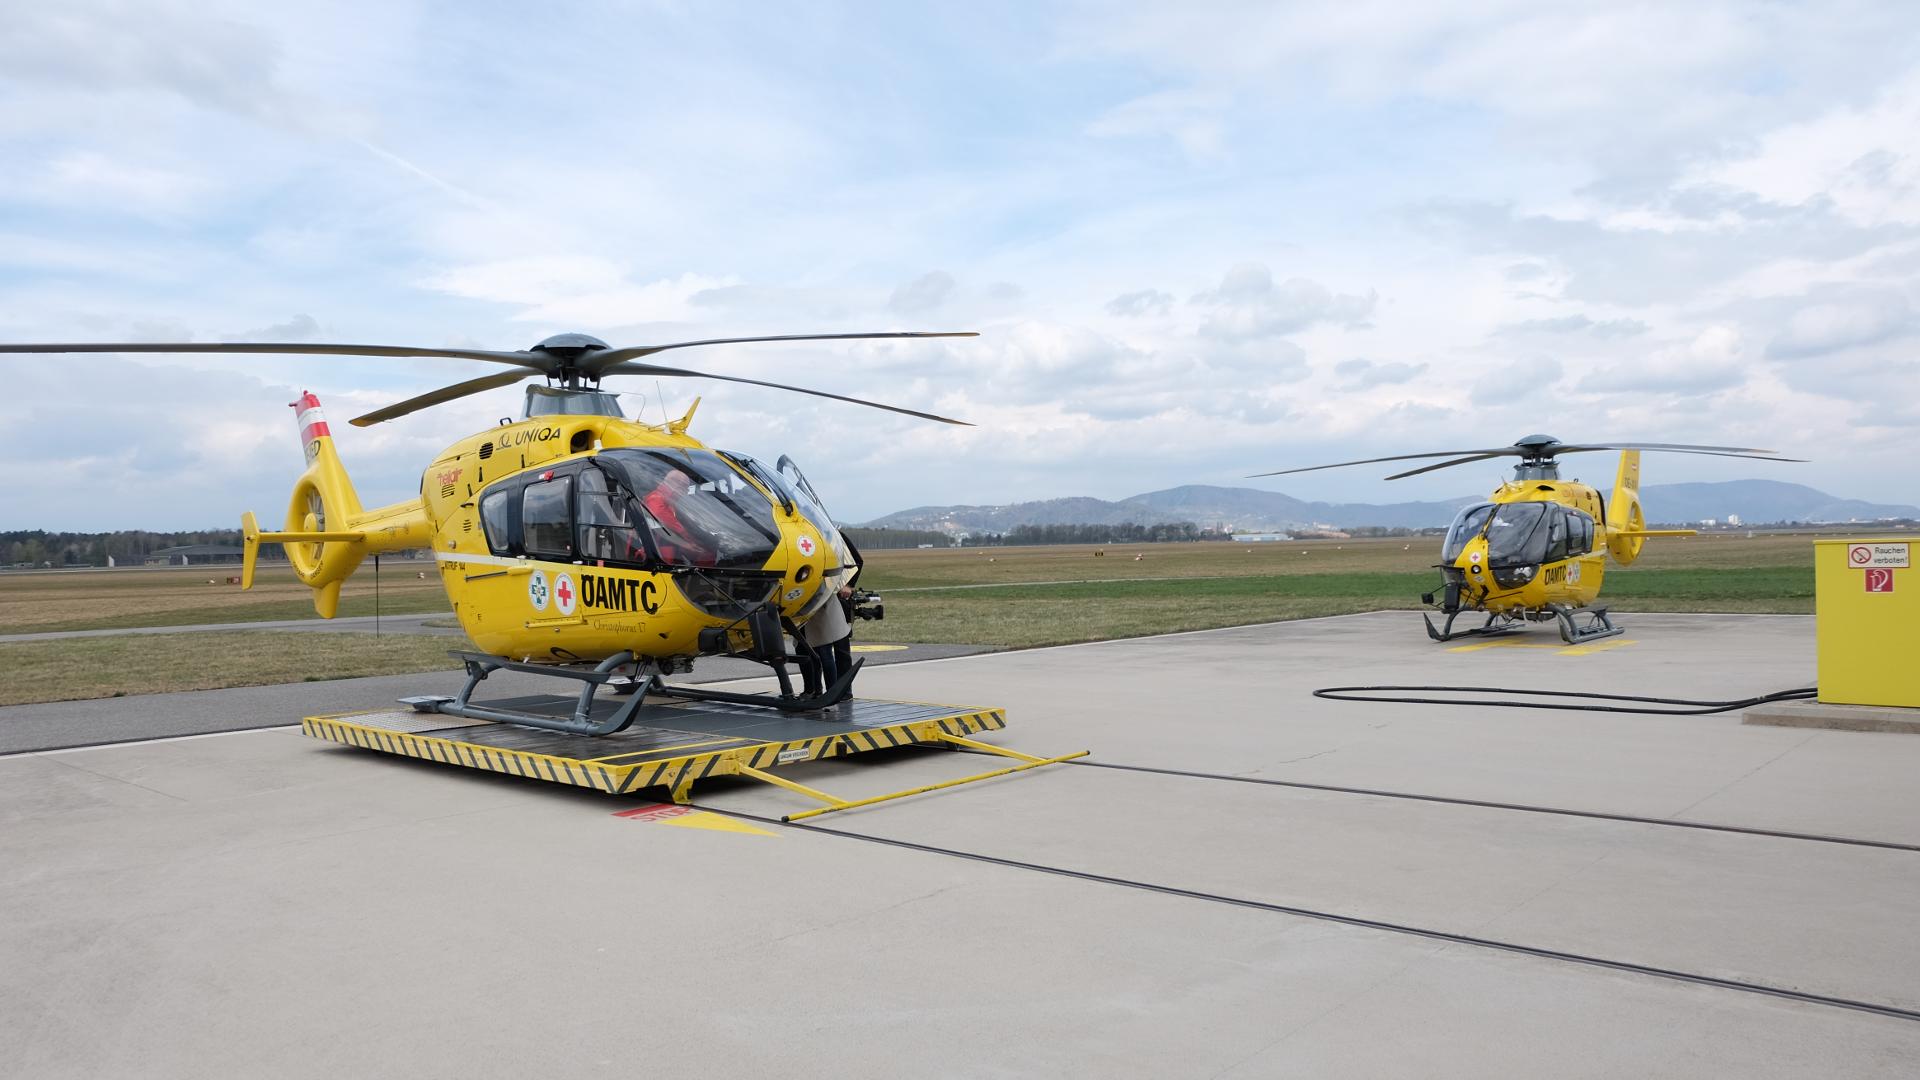 Christophorus 17-Christophorus 12-Graz-Flughafen-Thalerhof-ÖAMTC-Hubschrauber-Flugrettung